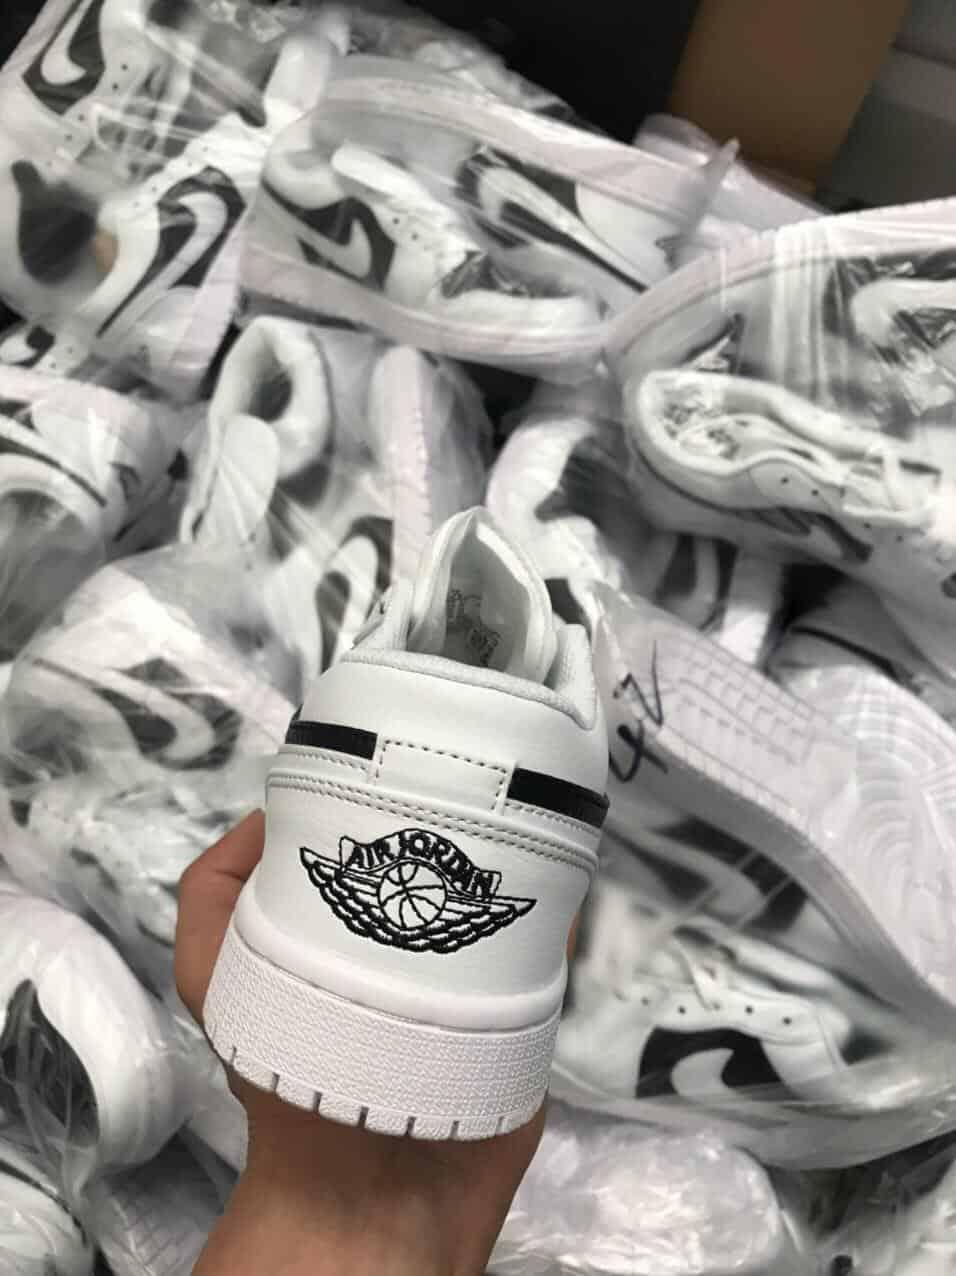 Mẫu giày được sneakerhead luôn săn lùng